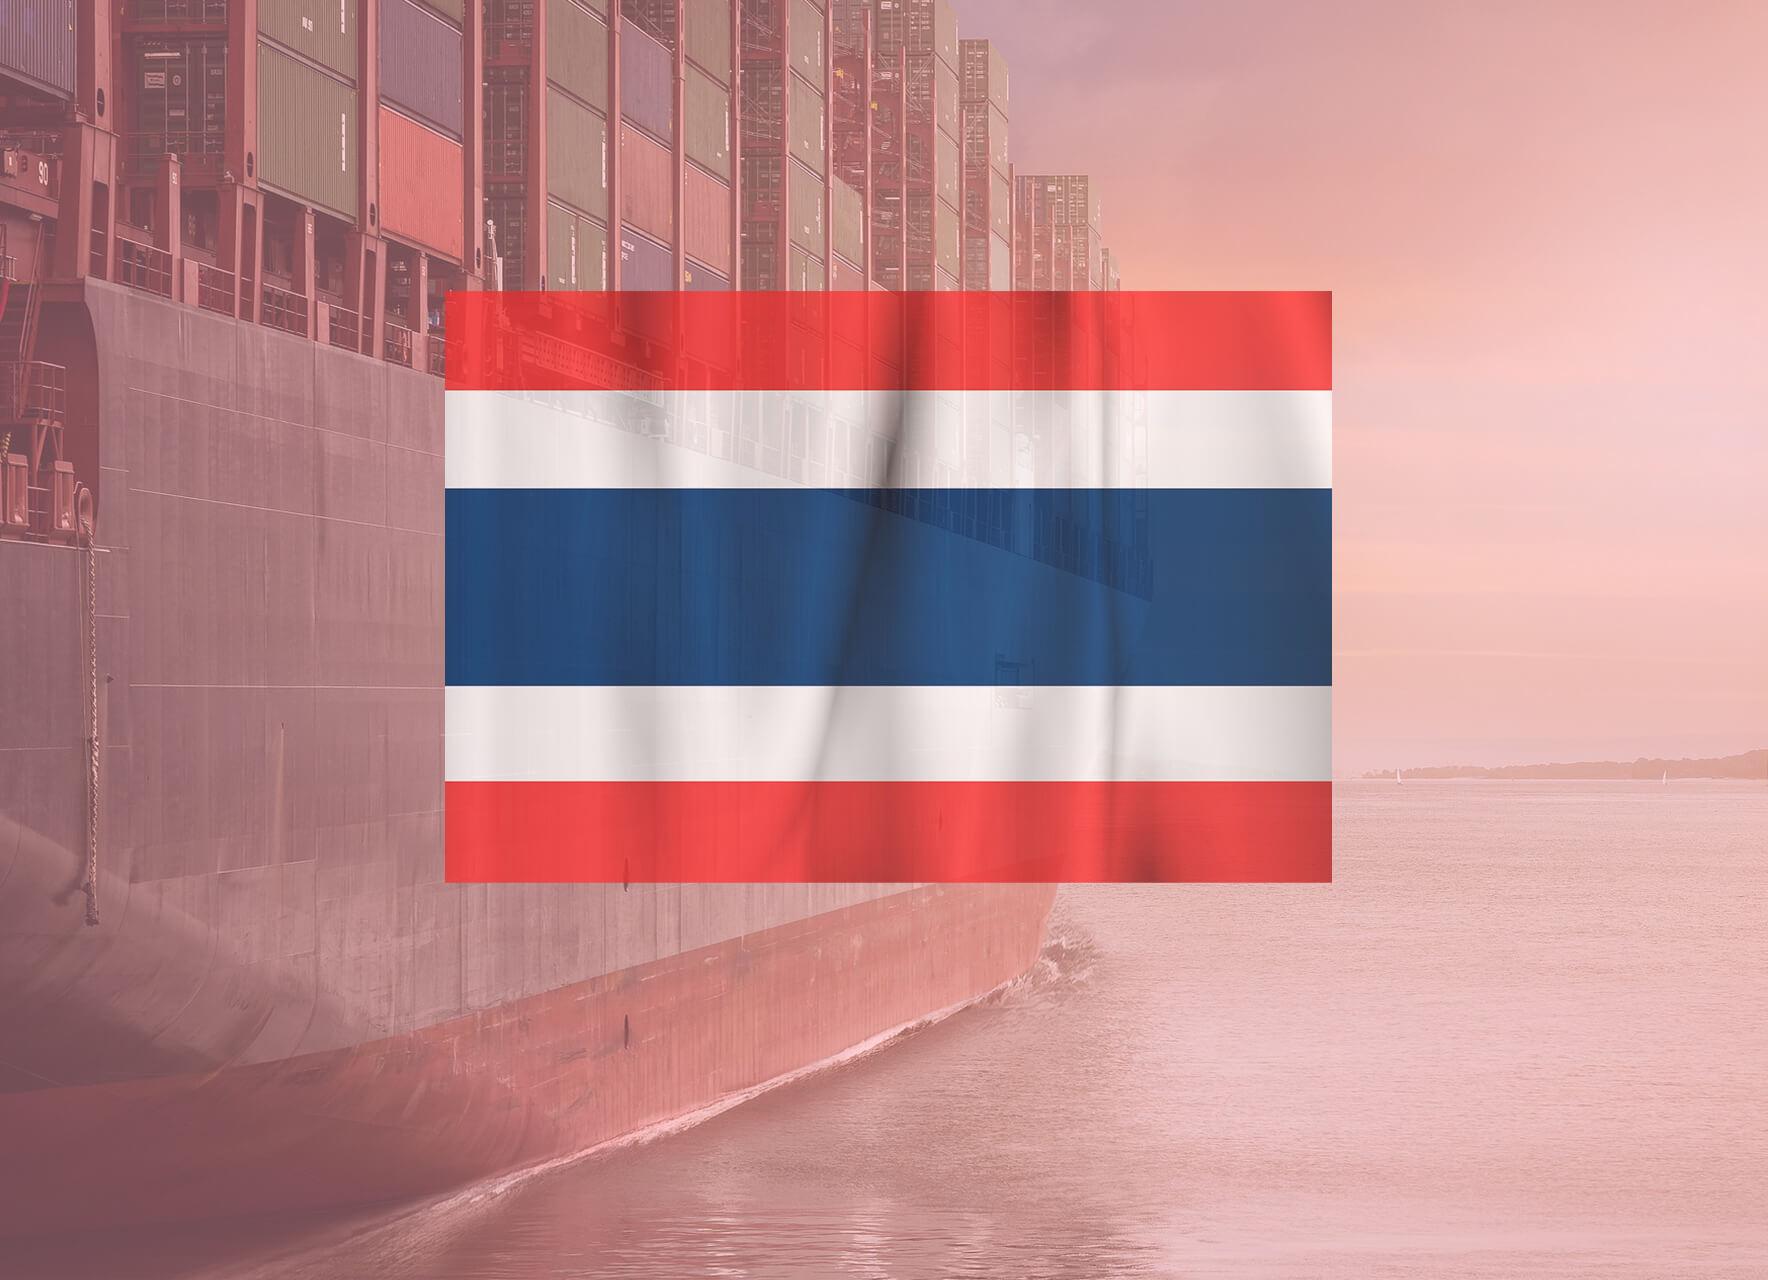 タイの関税制度の基礎知識 | タイの関税の体系・種類 / タイの関税率を調べる3つの方法…ほか